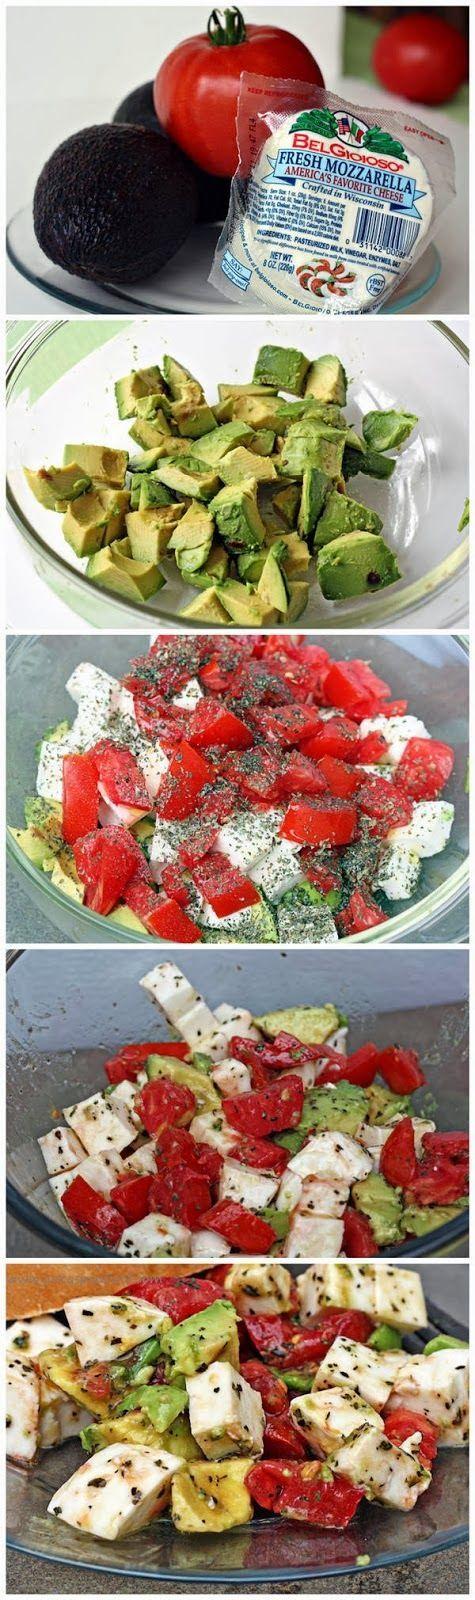 Bright and Fresh Avocado, Tomato and Mozzarella Salad